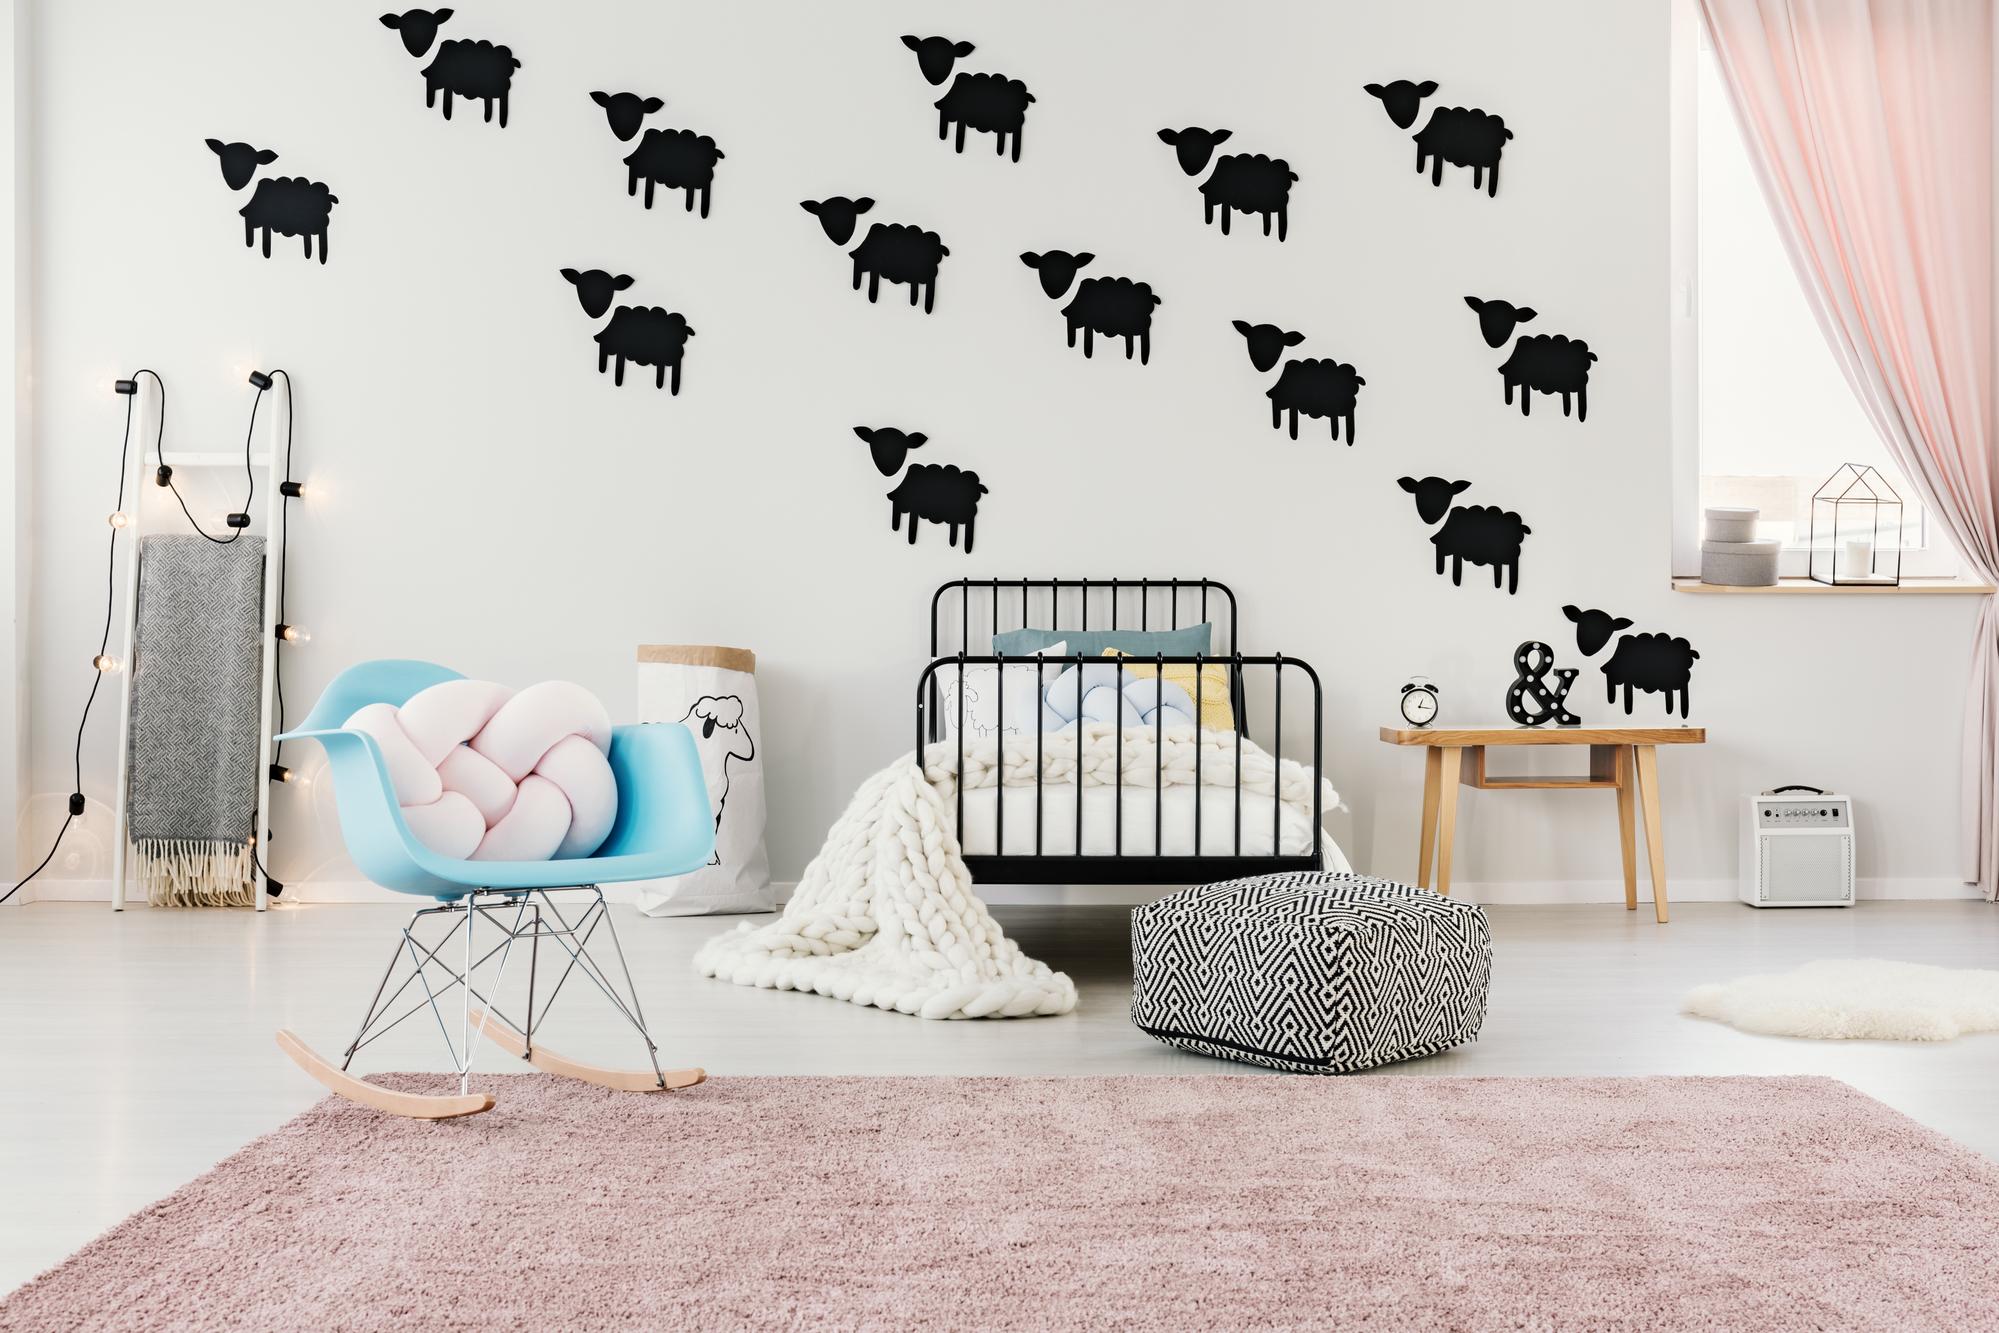 Bare ut Tre populære former for vægpynt til hjemmet VE-91